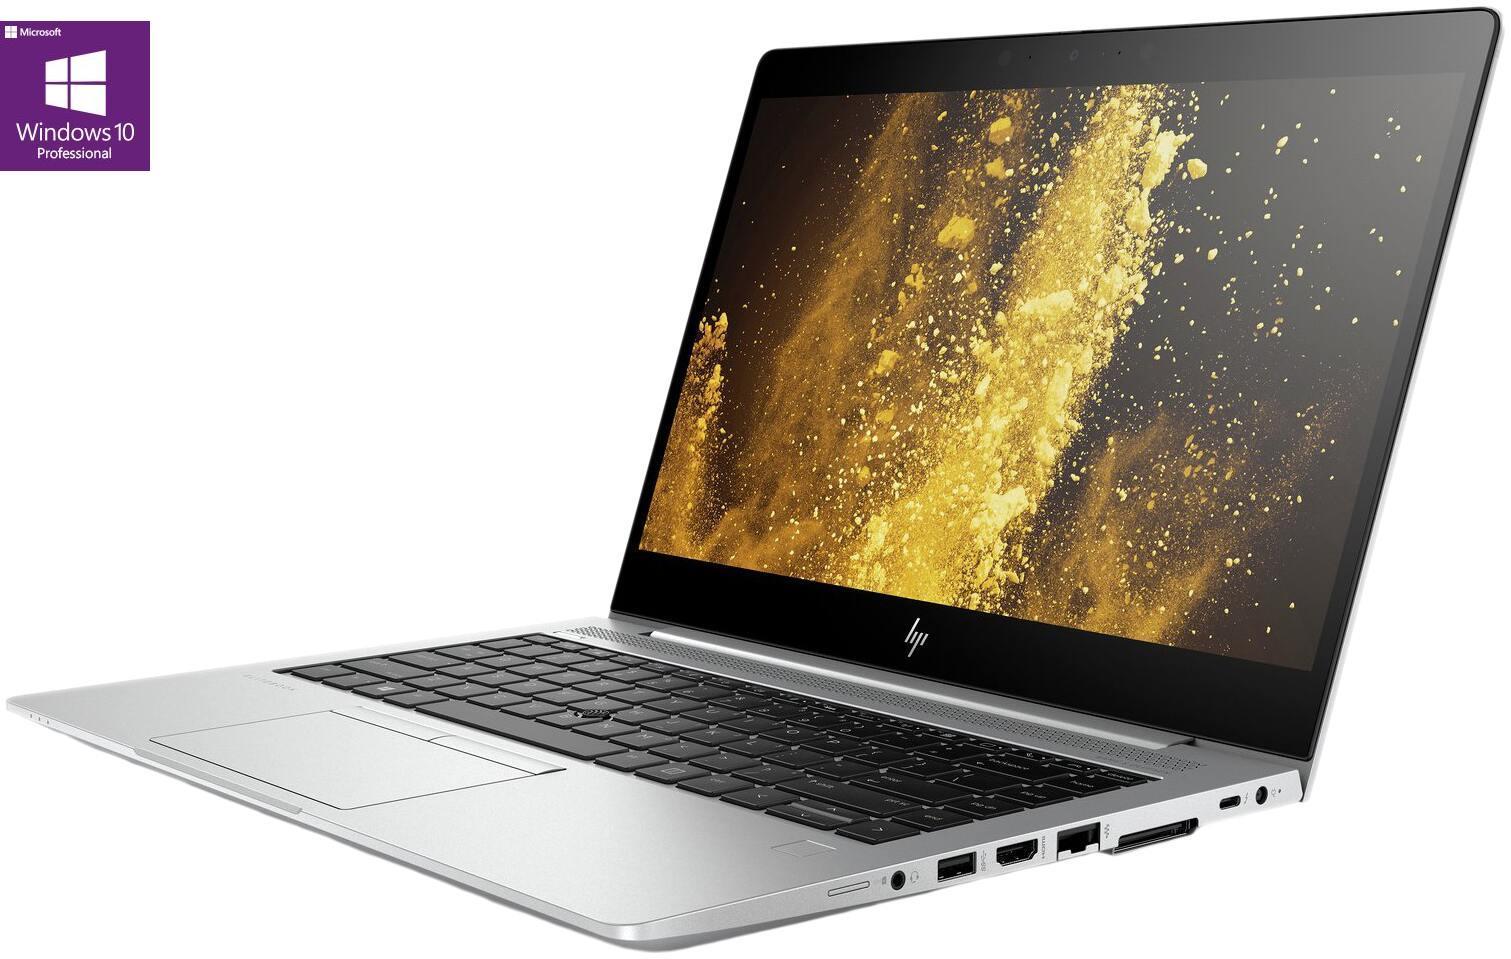 Hewlett Packard EliteBook 840 G6  - shop.bb-net.de